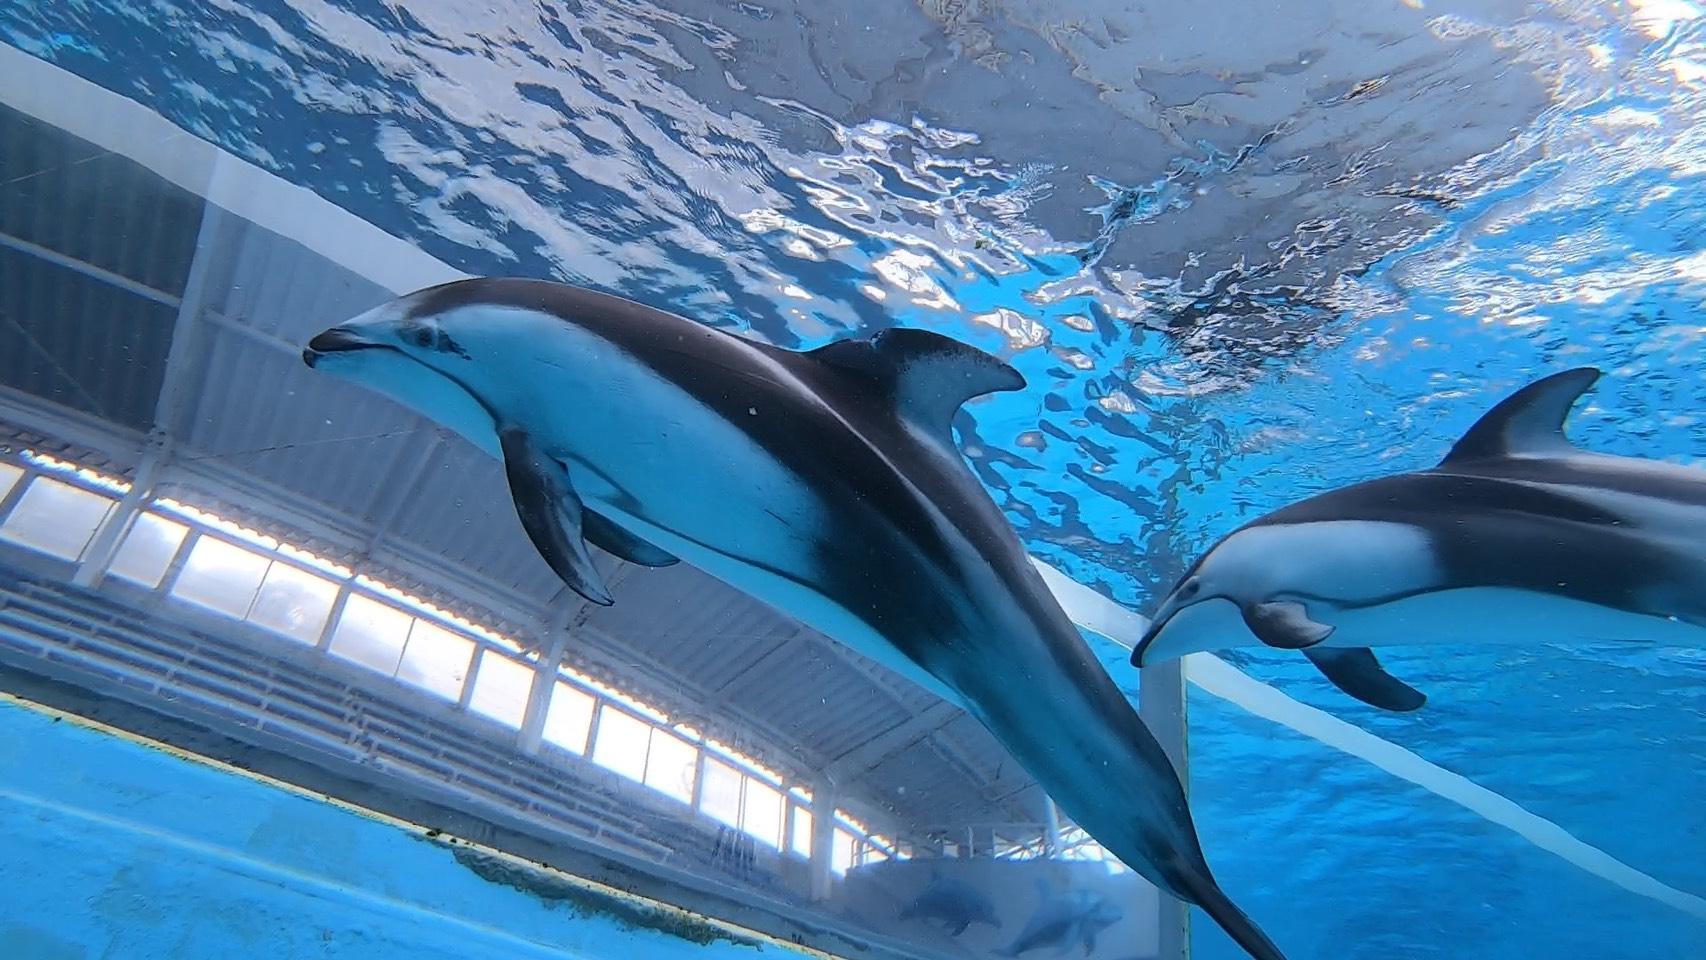 興奮状態のイルカ達!@下田海中水族館